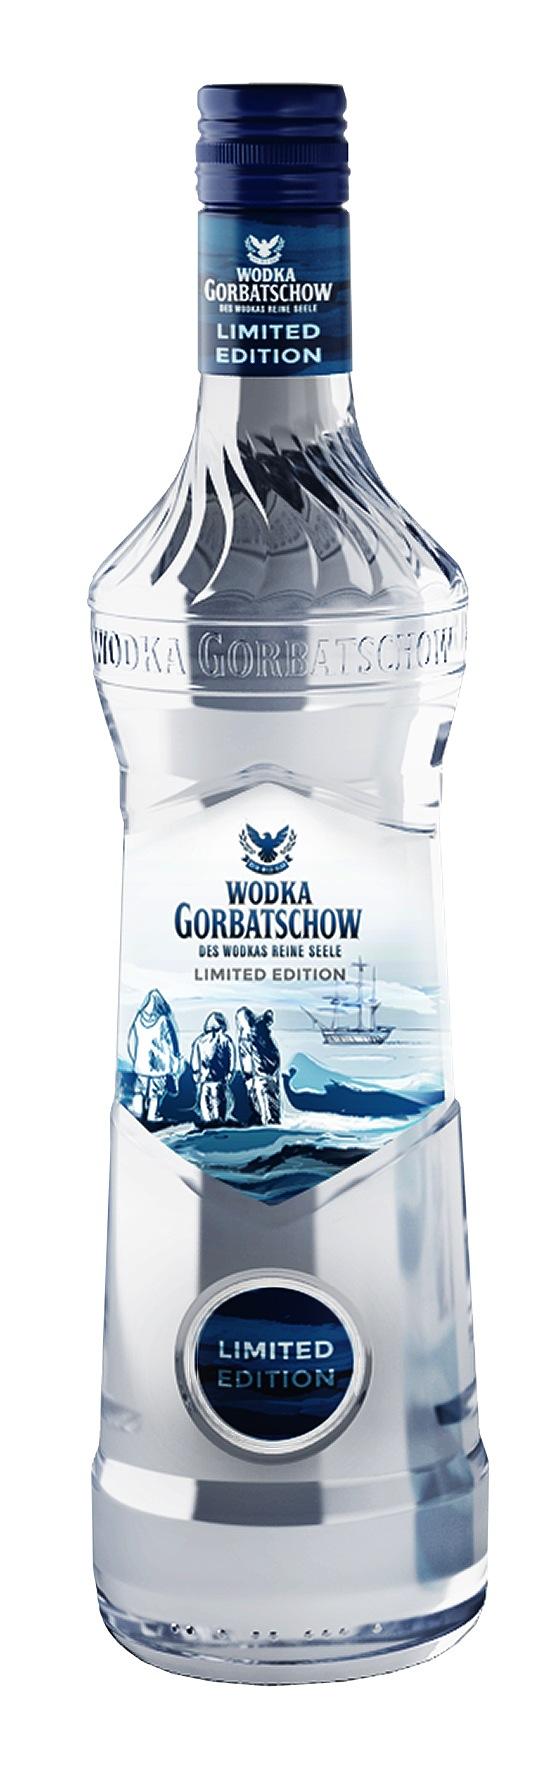 Wodka_Gorbatschow_Jetzt_das_neue_Flaschen_Design_waehlen_2016_03